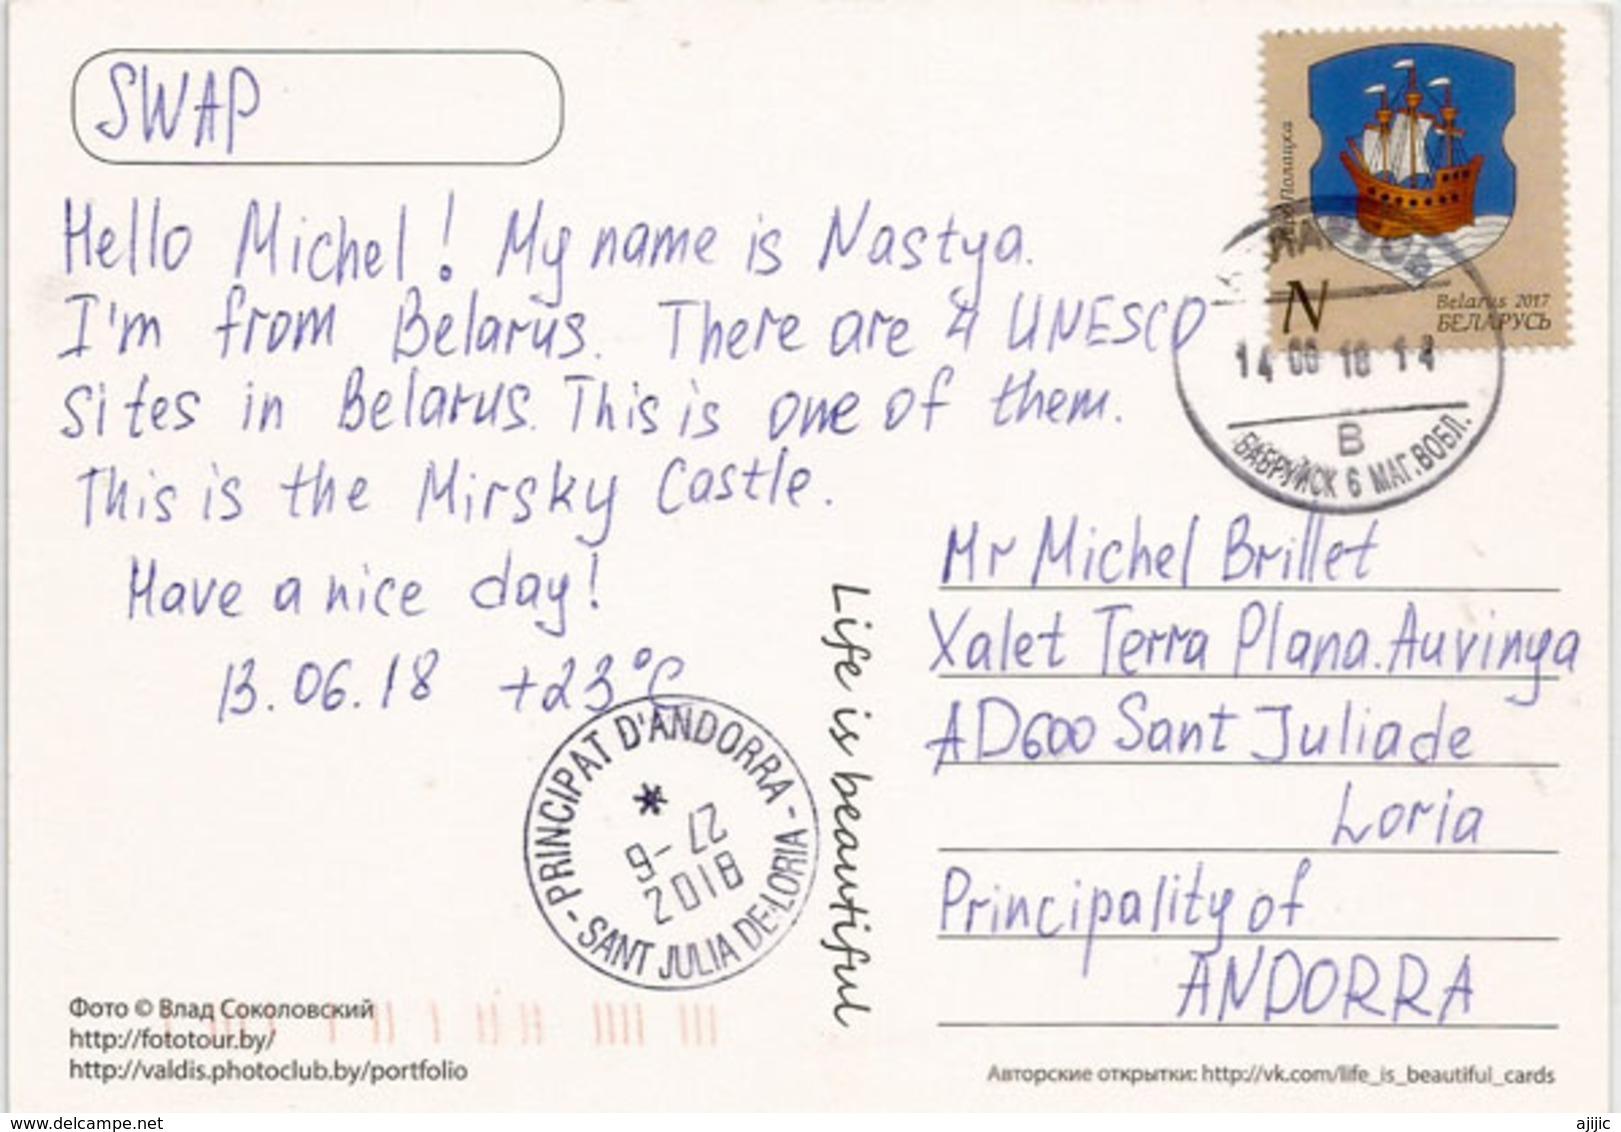 Mir Castle, UNESCO World Heritage Site In Belarus, Postcard Sent To Andorra, With Arrival Postmark - Belarus